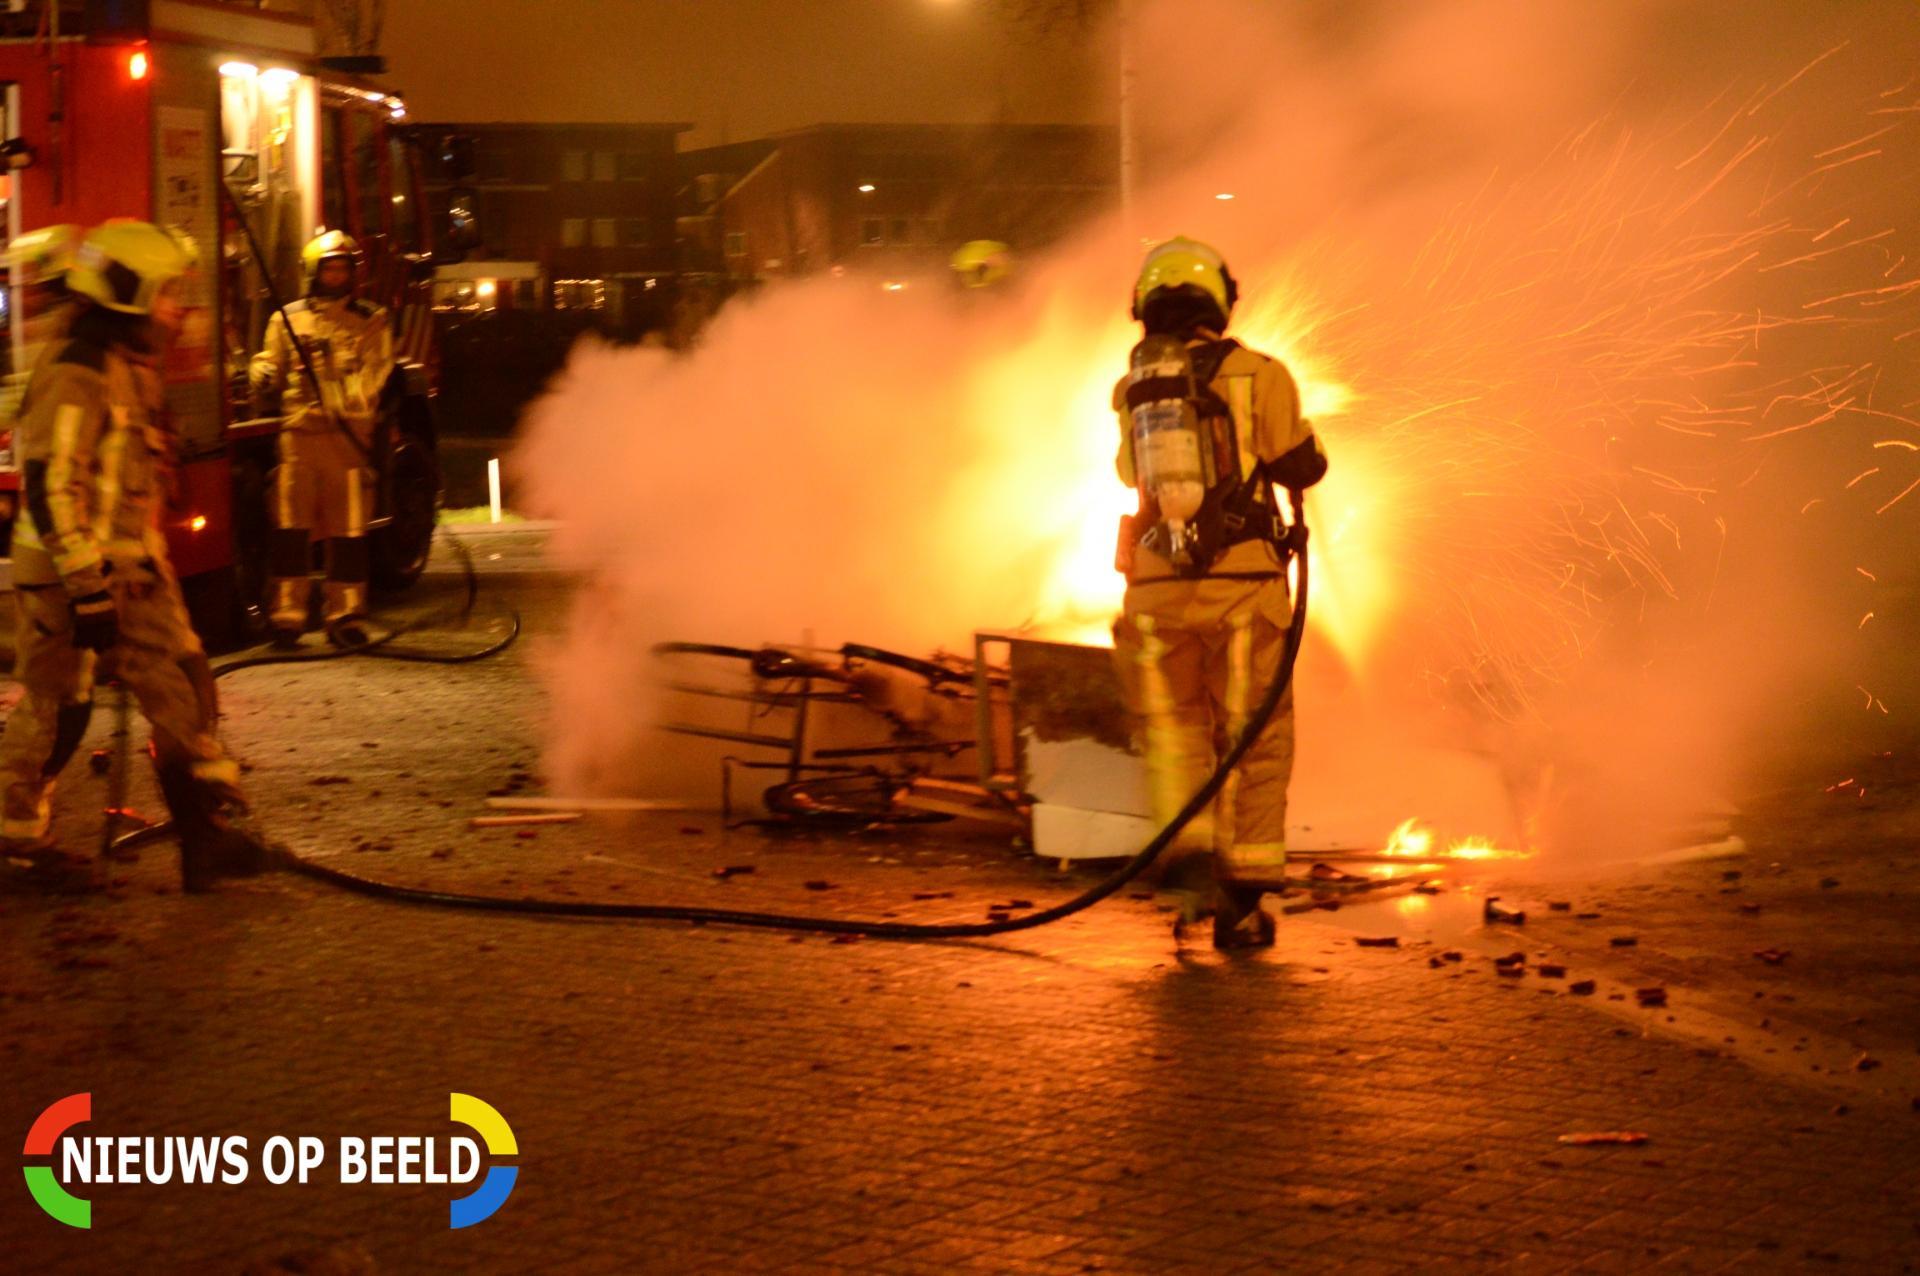 Brandweer blust buitenbrand Veluwemeer Zoetermeer